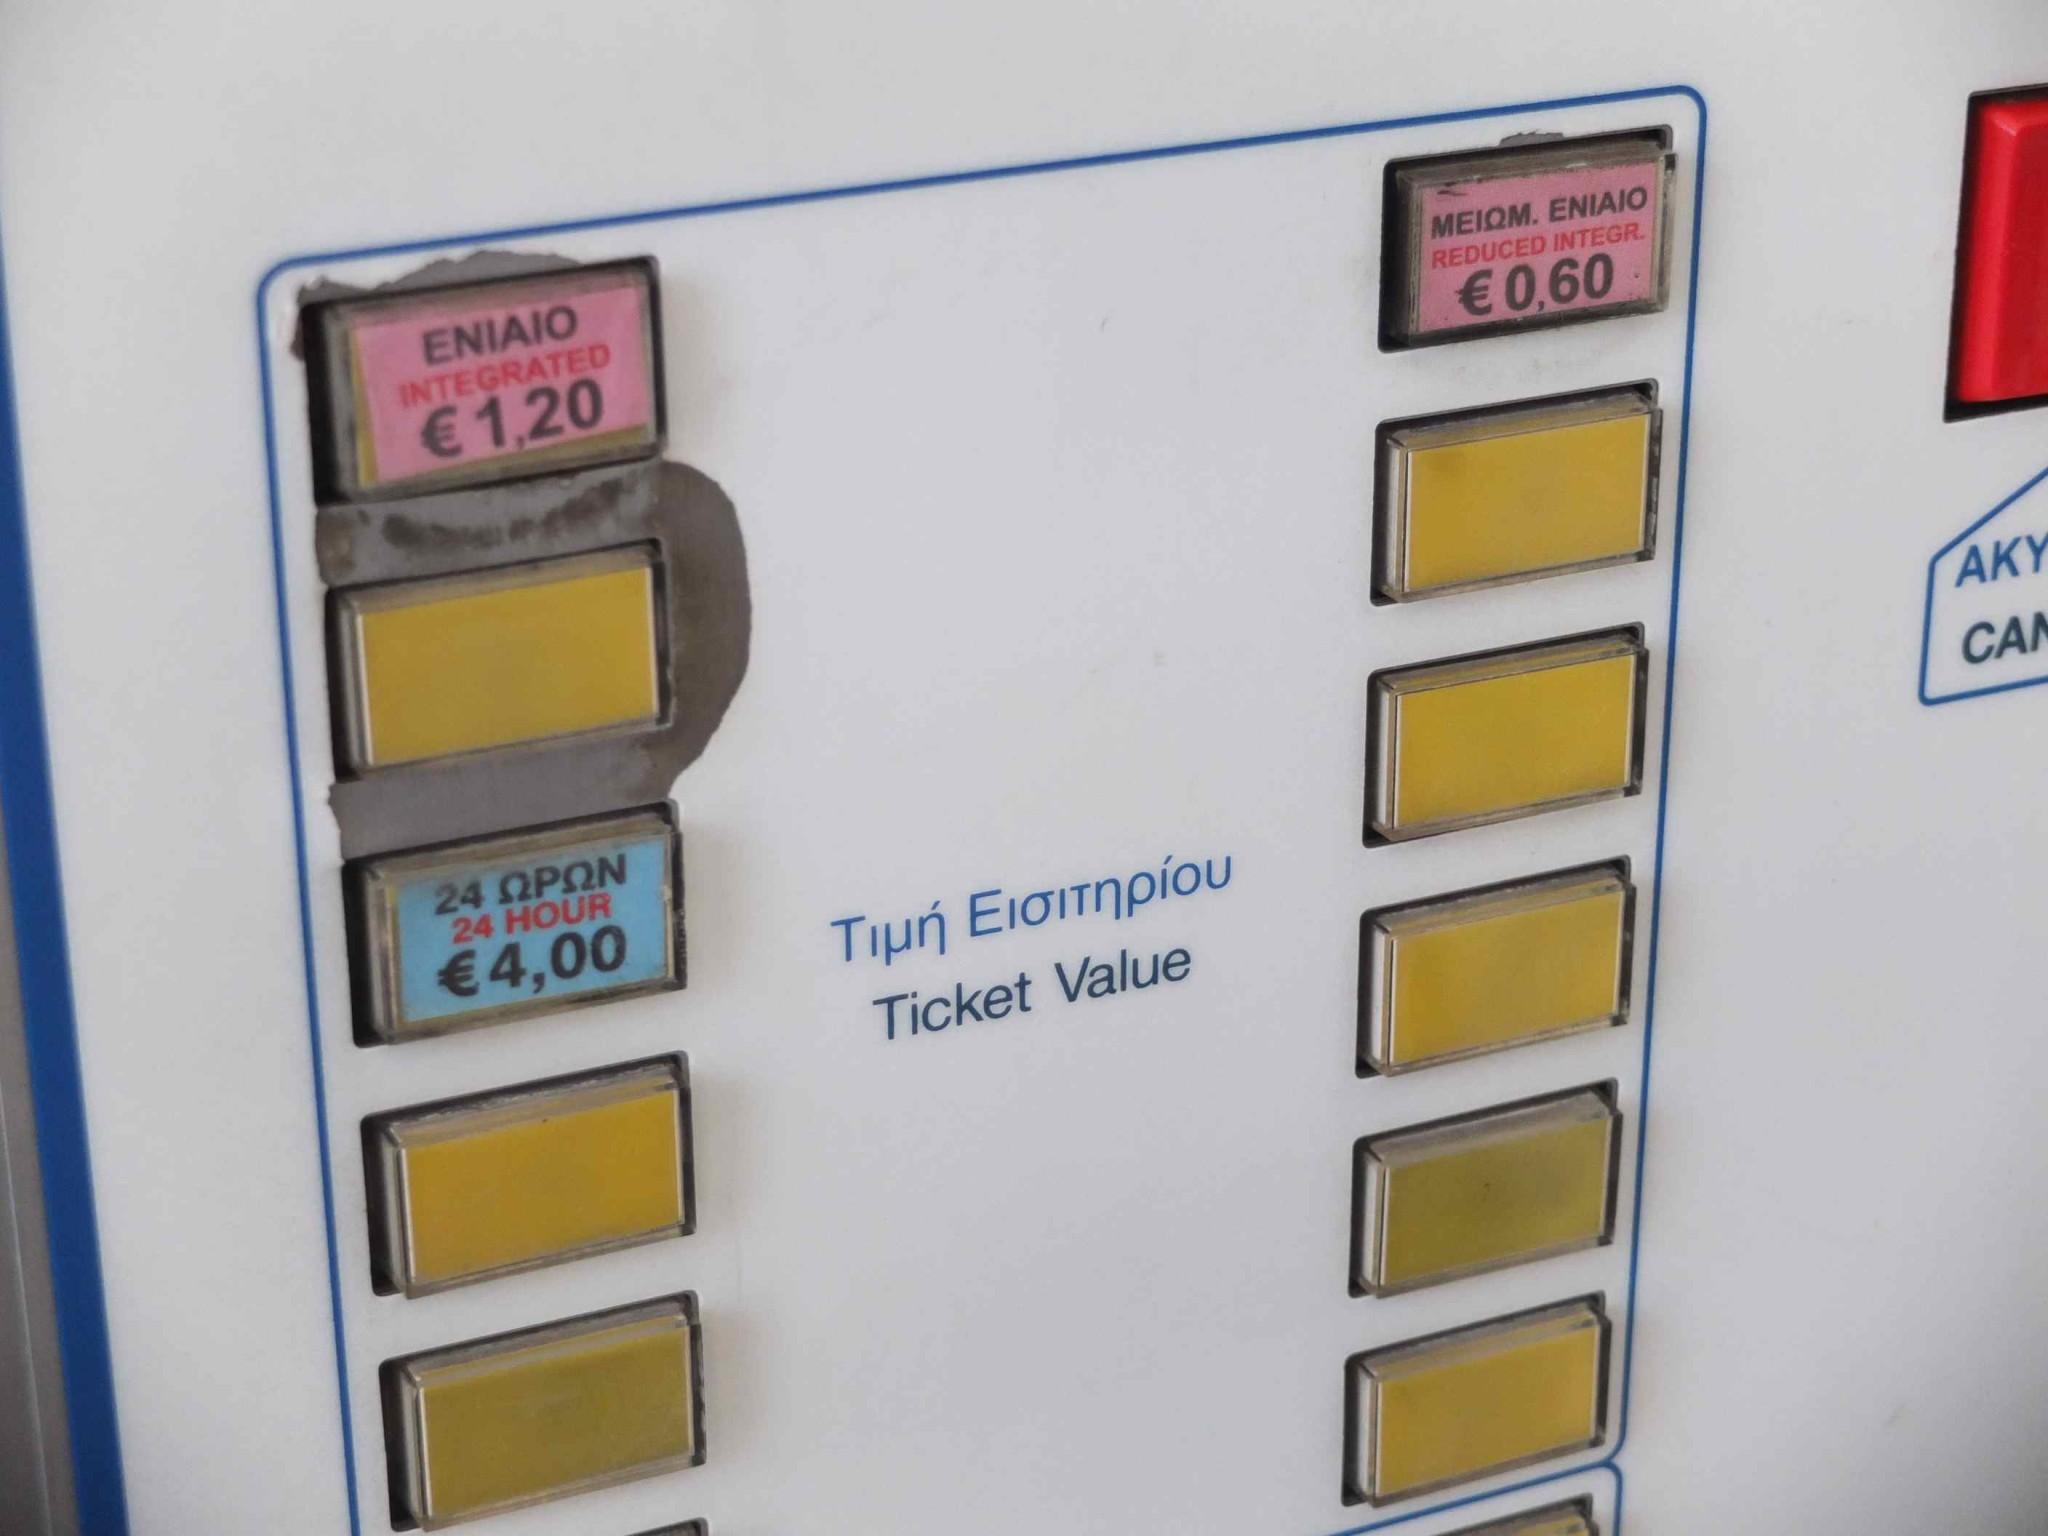 片道1.2ユーロ、子どもは0.6ユーロ、1日パスは4ユーロです。